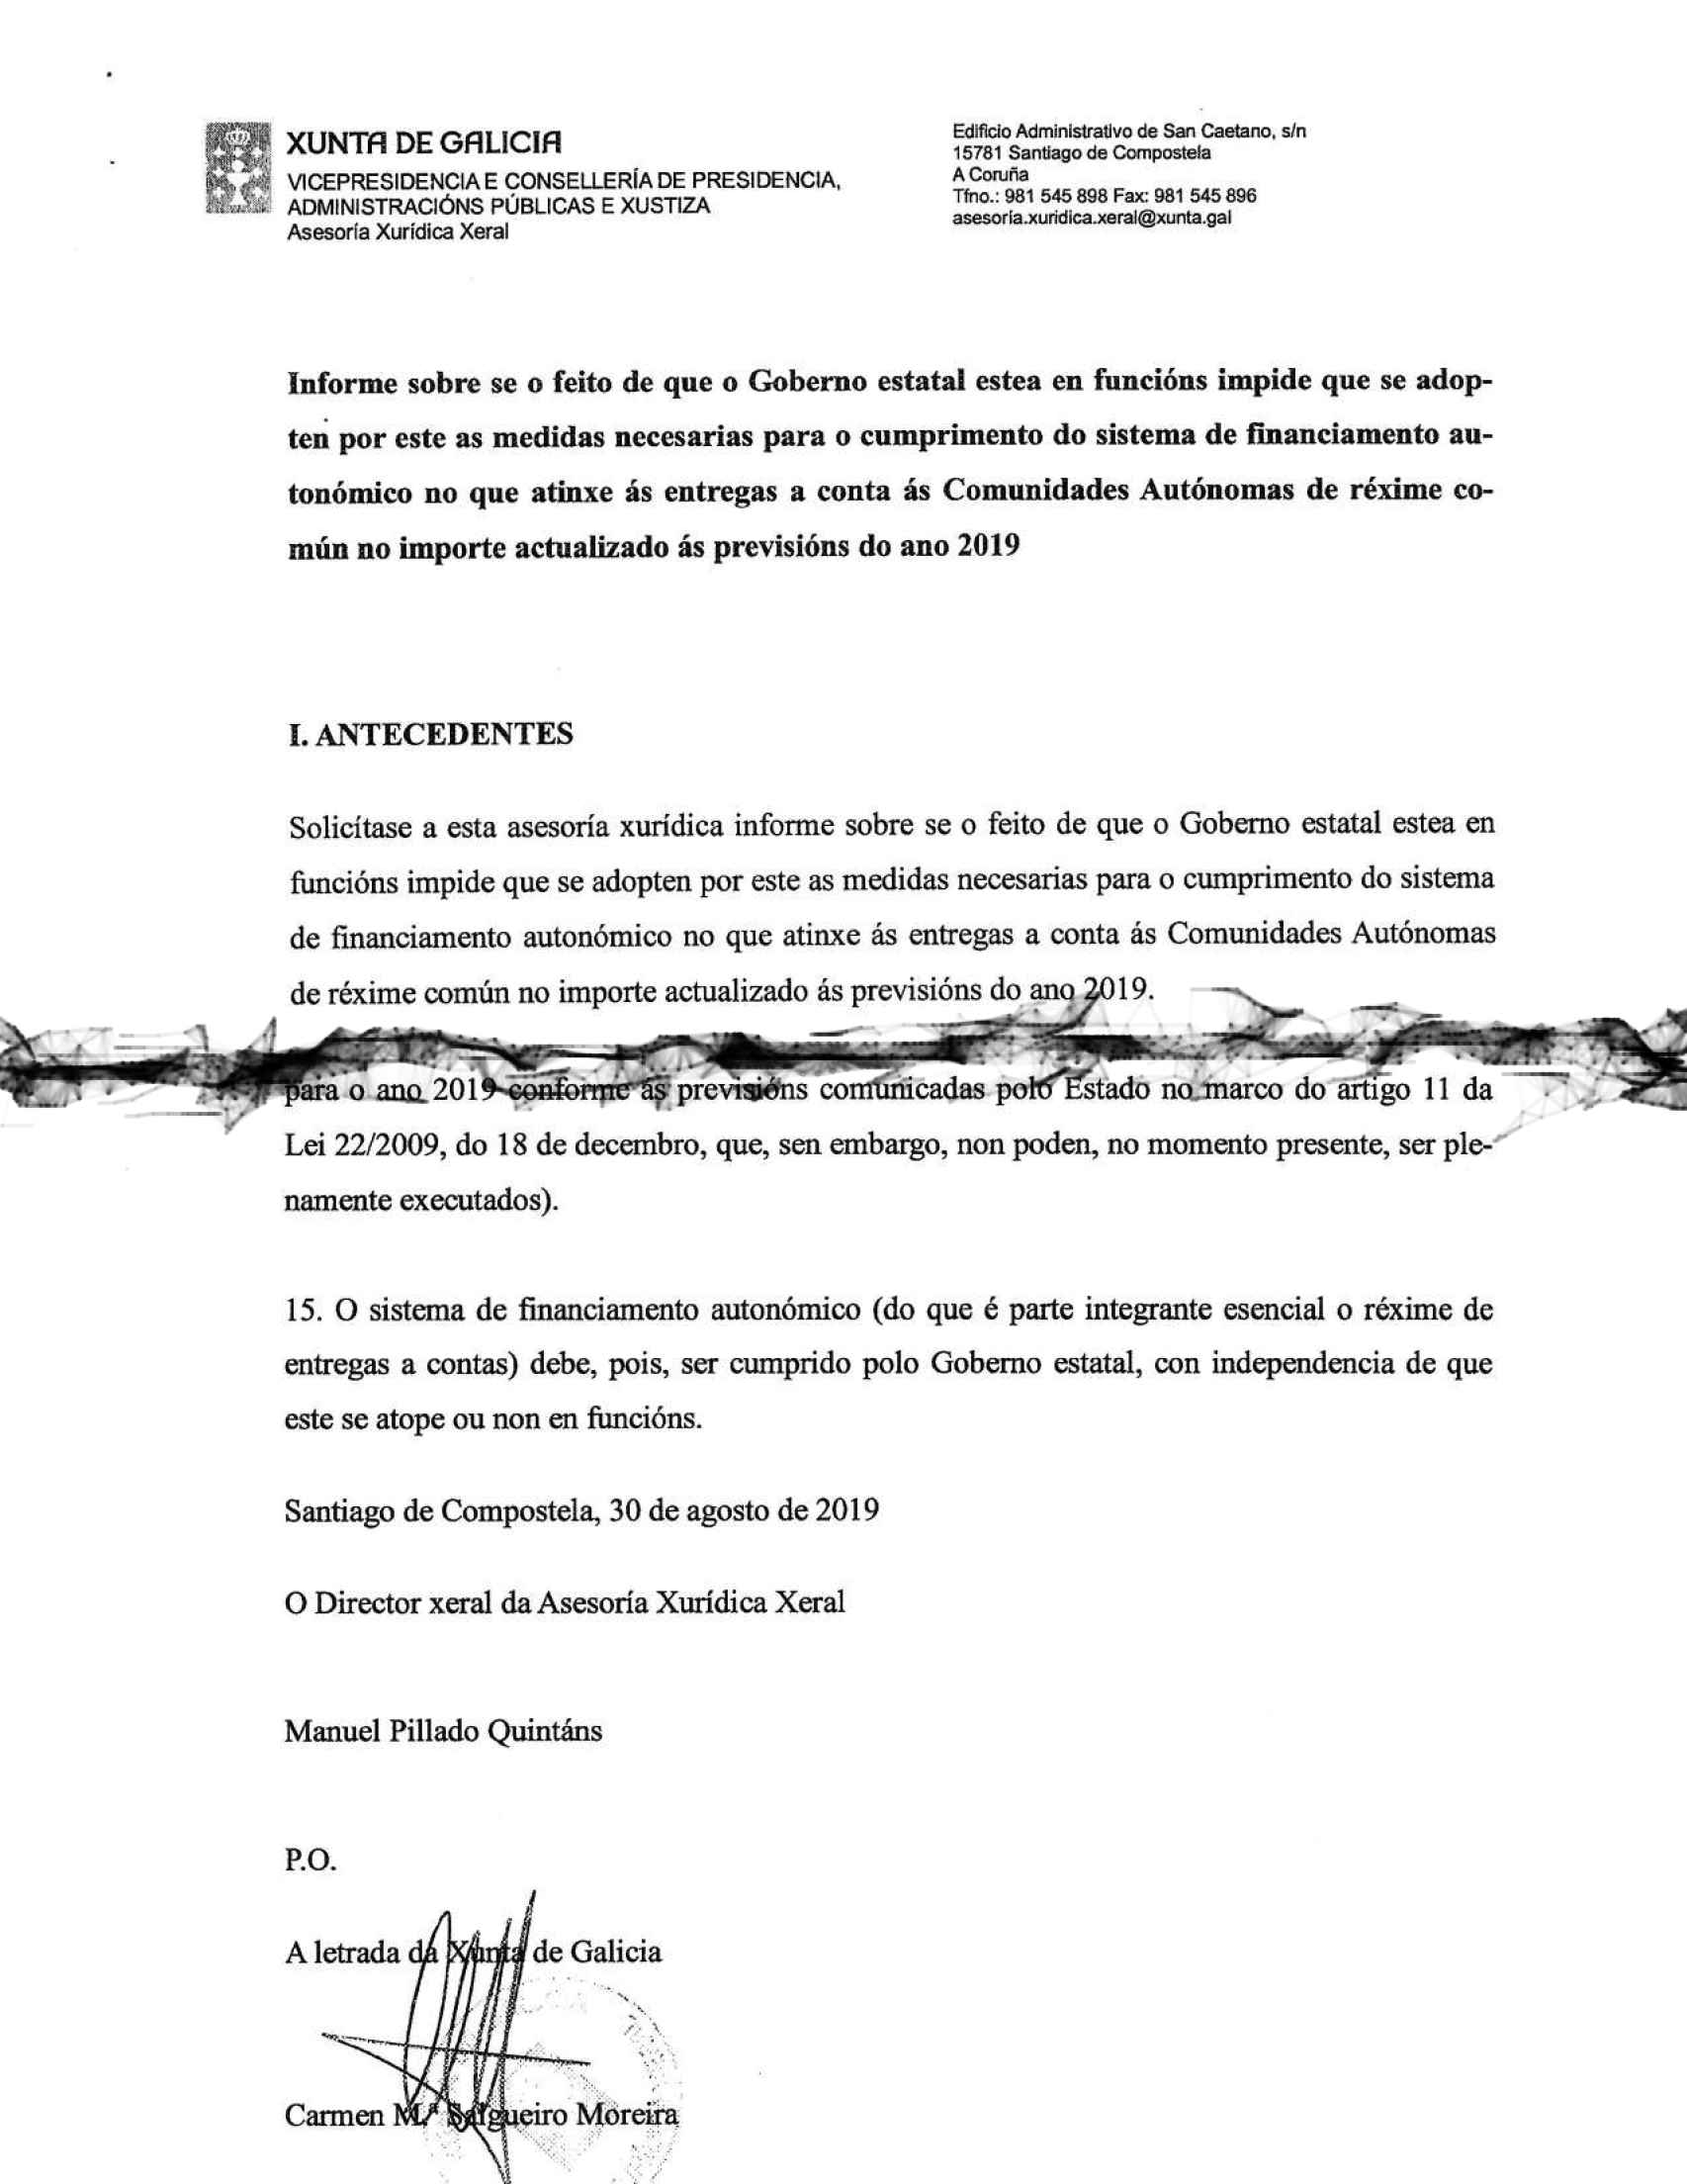 Detalles de la primera y última páginas del Informe de la Xunta.